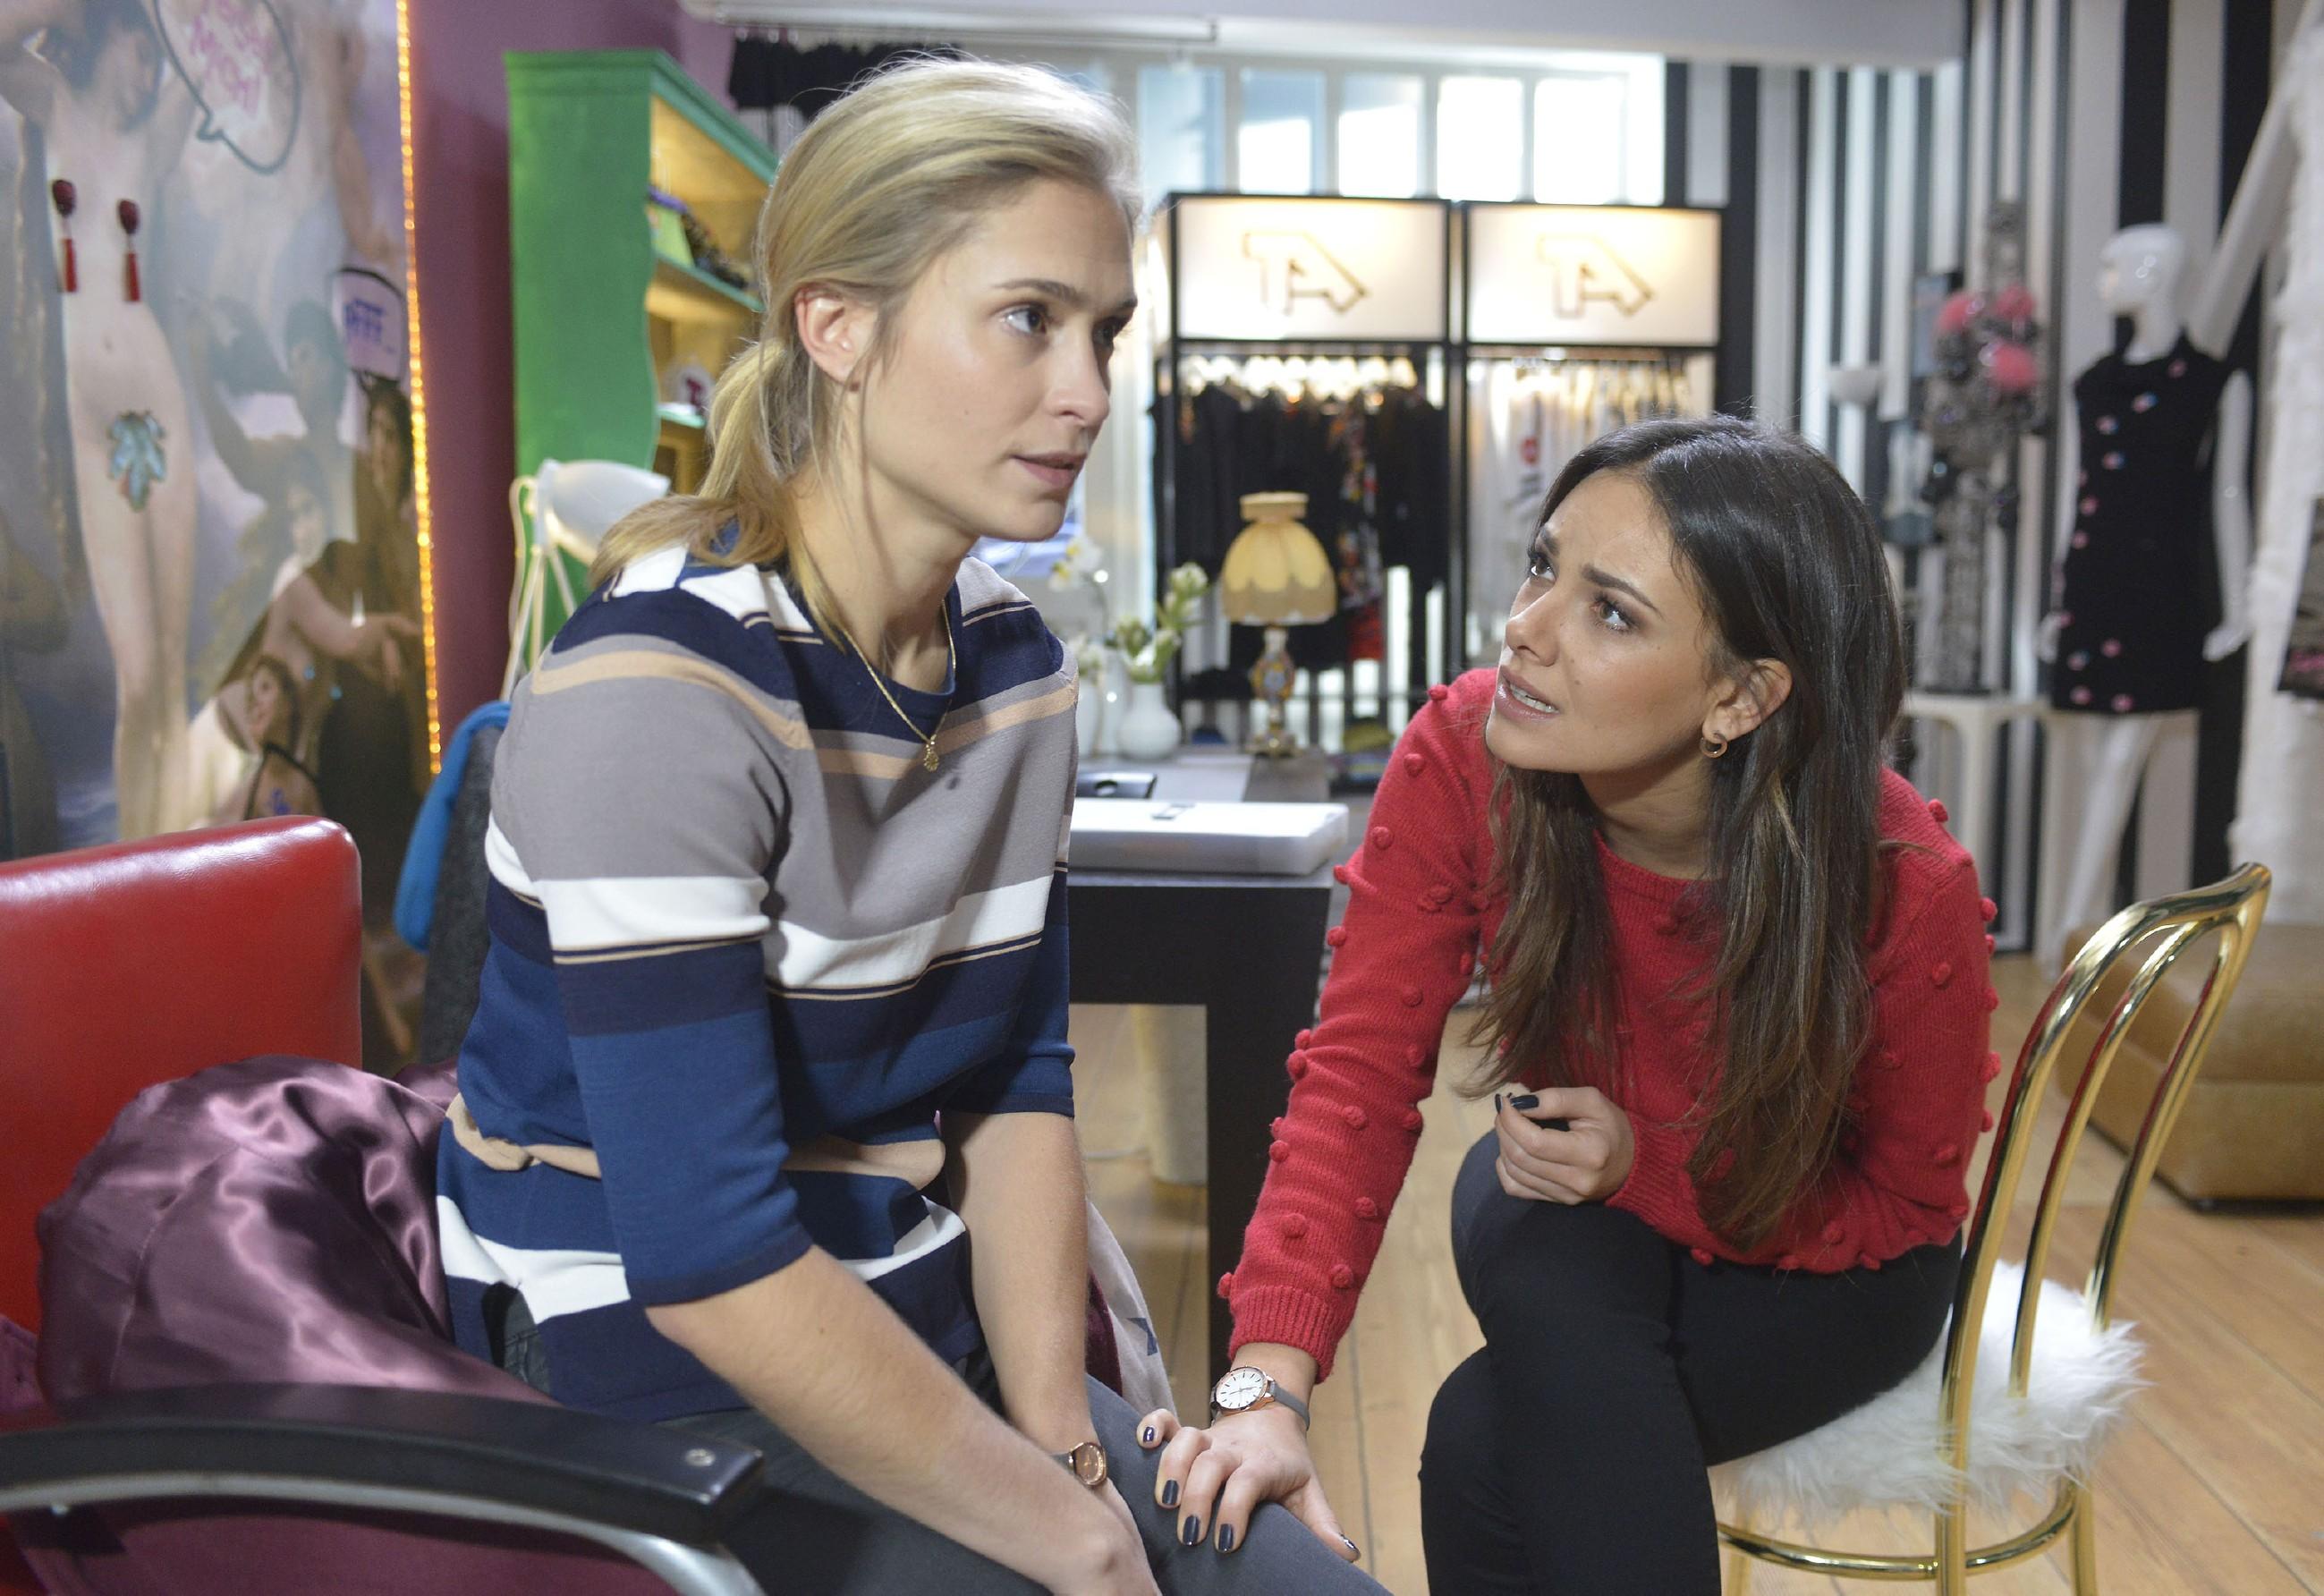 Als Sophie (Lea Marlen Woitack, l.) vor Jasmin (Janina Uhse) durchblicken lässt, dass sie sich selbst nicht verzeihen kann, Leni einst nicht gewollt zu haben, versucht Jasmin ihr die Schuldgefühle auszureden. (Quelle: RTL / Rolf Baumgartner)